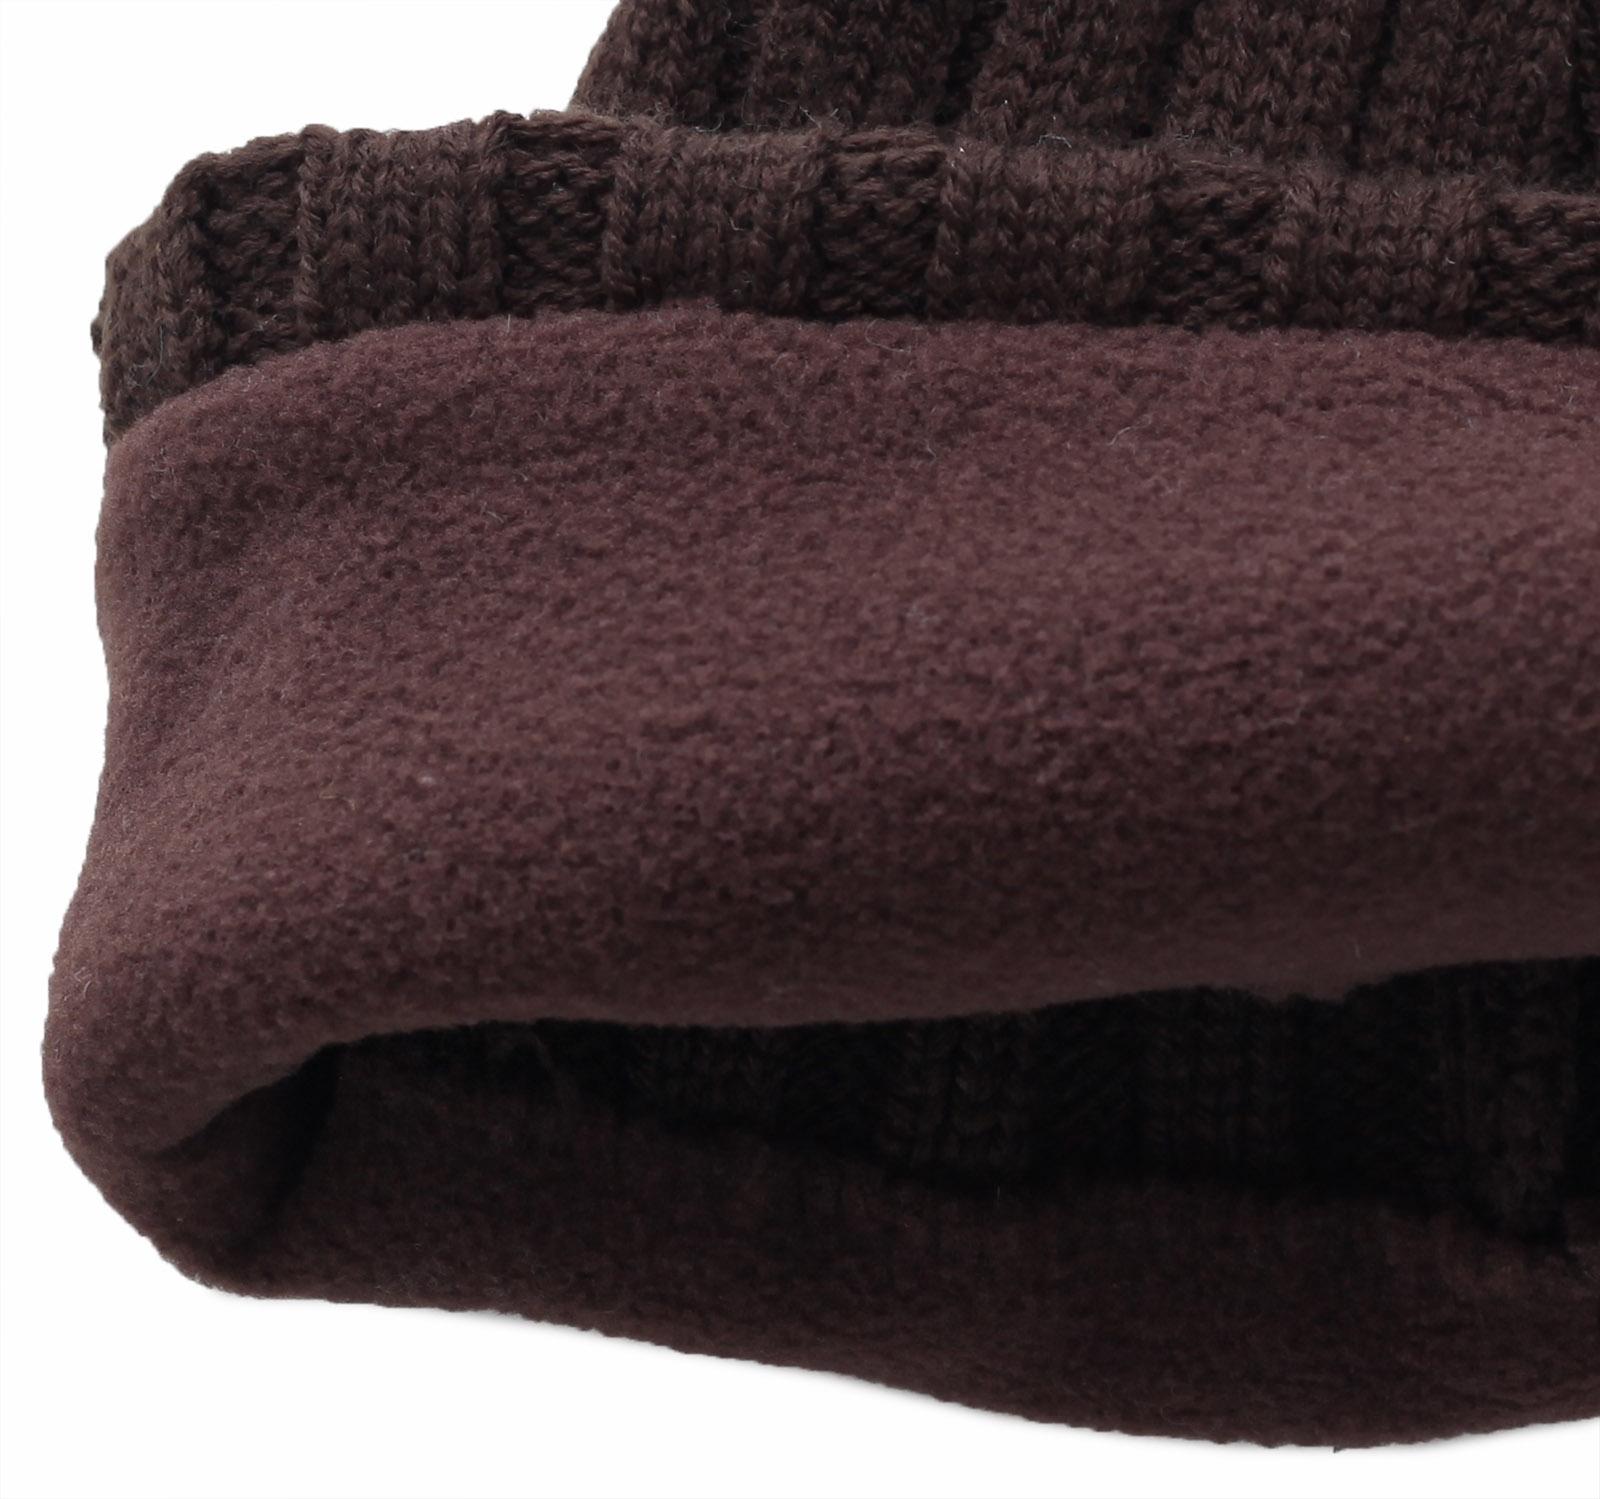 Купить универсальную неприхотливую шапку с лаконичной вышивкой зимний вариант с флисом по низкой цене